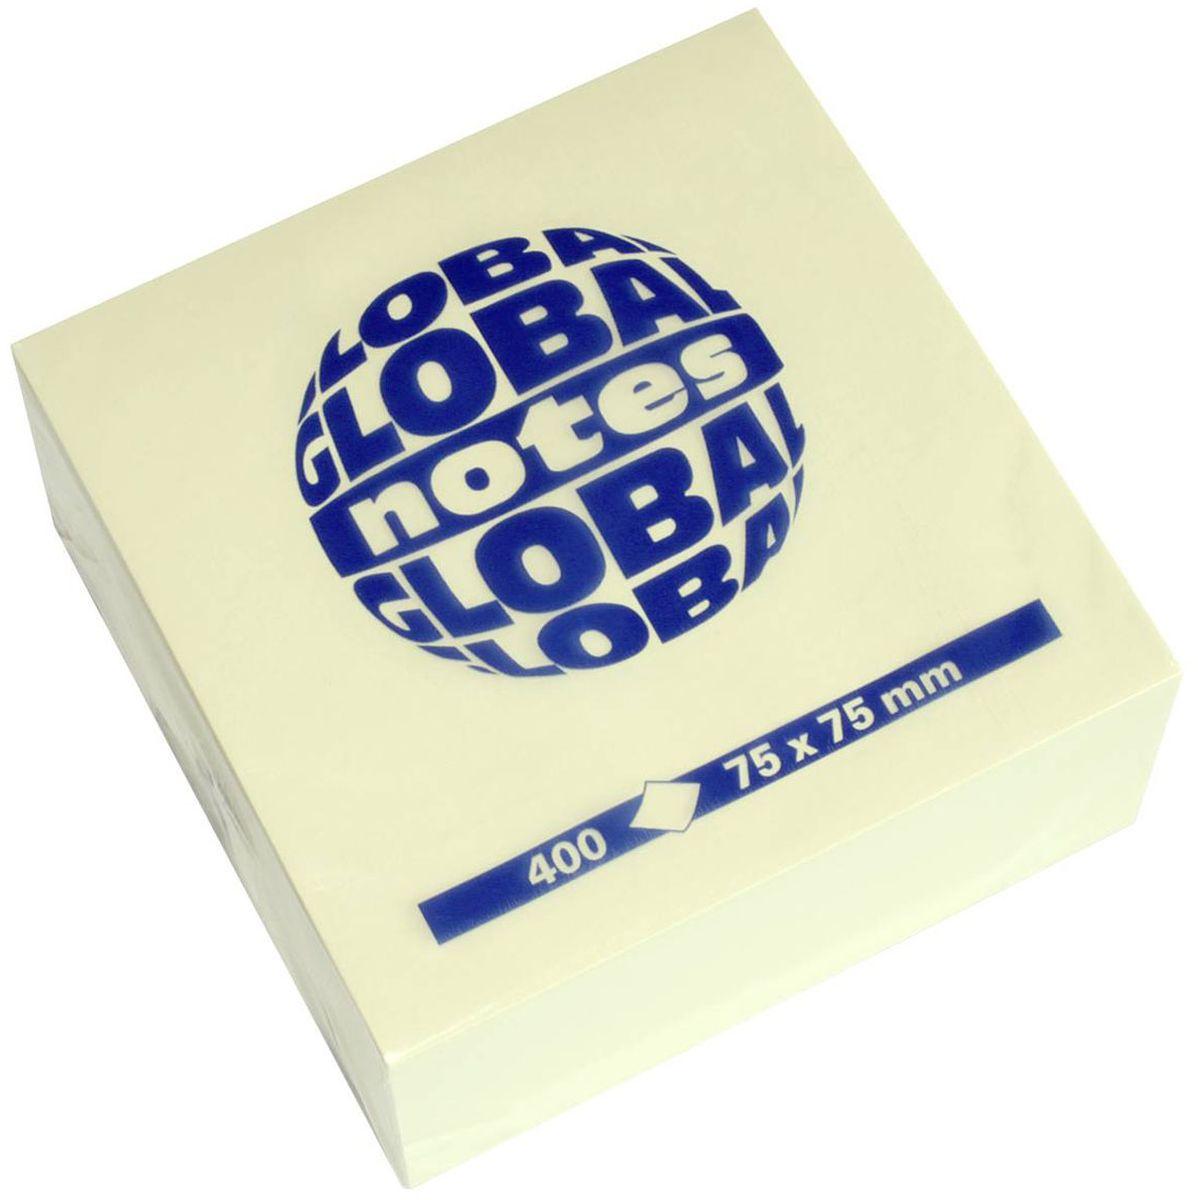 Global Notes Бумага для заметок с липким слоем цвет желтый 400 листов 382001382001Бумага для заметок с липким краем Global Notes - это удобное и практичное решение для быстрой записи информации дома или на работе.Качественная клеевая полоса рассчитана на крепление к любой поверхности, позволяет приклеивать и отклеивать листок неограниченное количество раз, не оставляя следов.